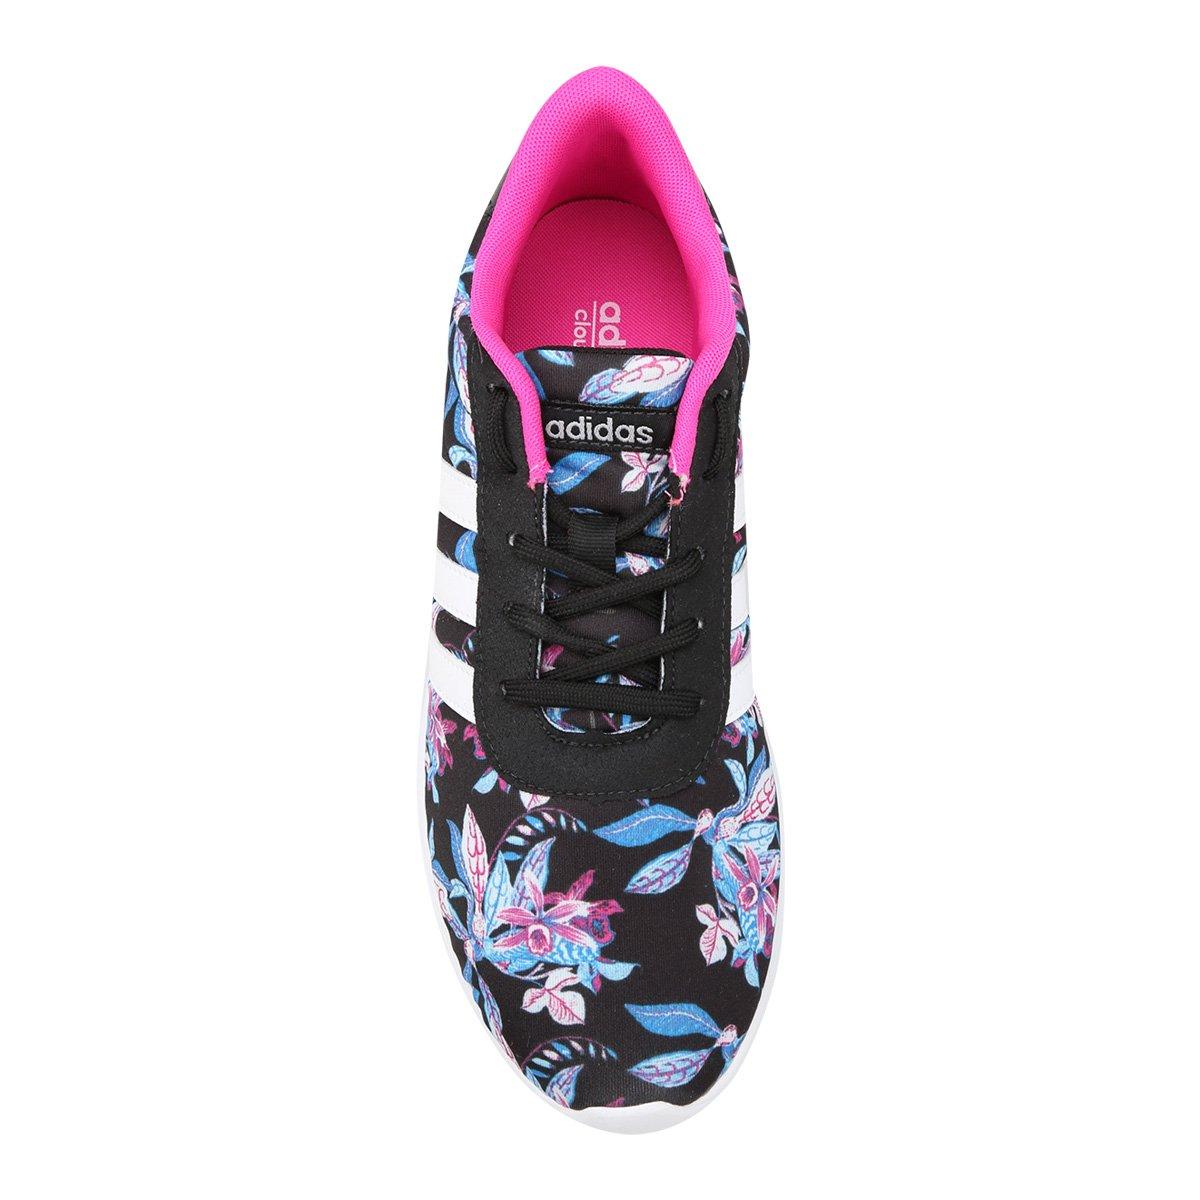 ... Tênis Adidas Lite Racer W Feminino - Preto - Compre Agora Netshoes  3b9df1f84f96aa ... 3f2e46a9d7953